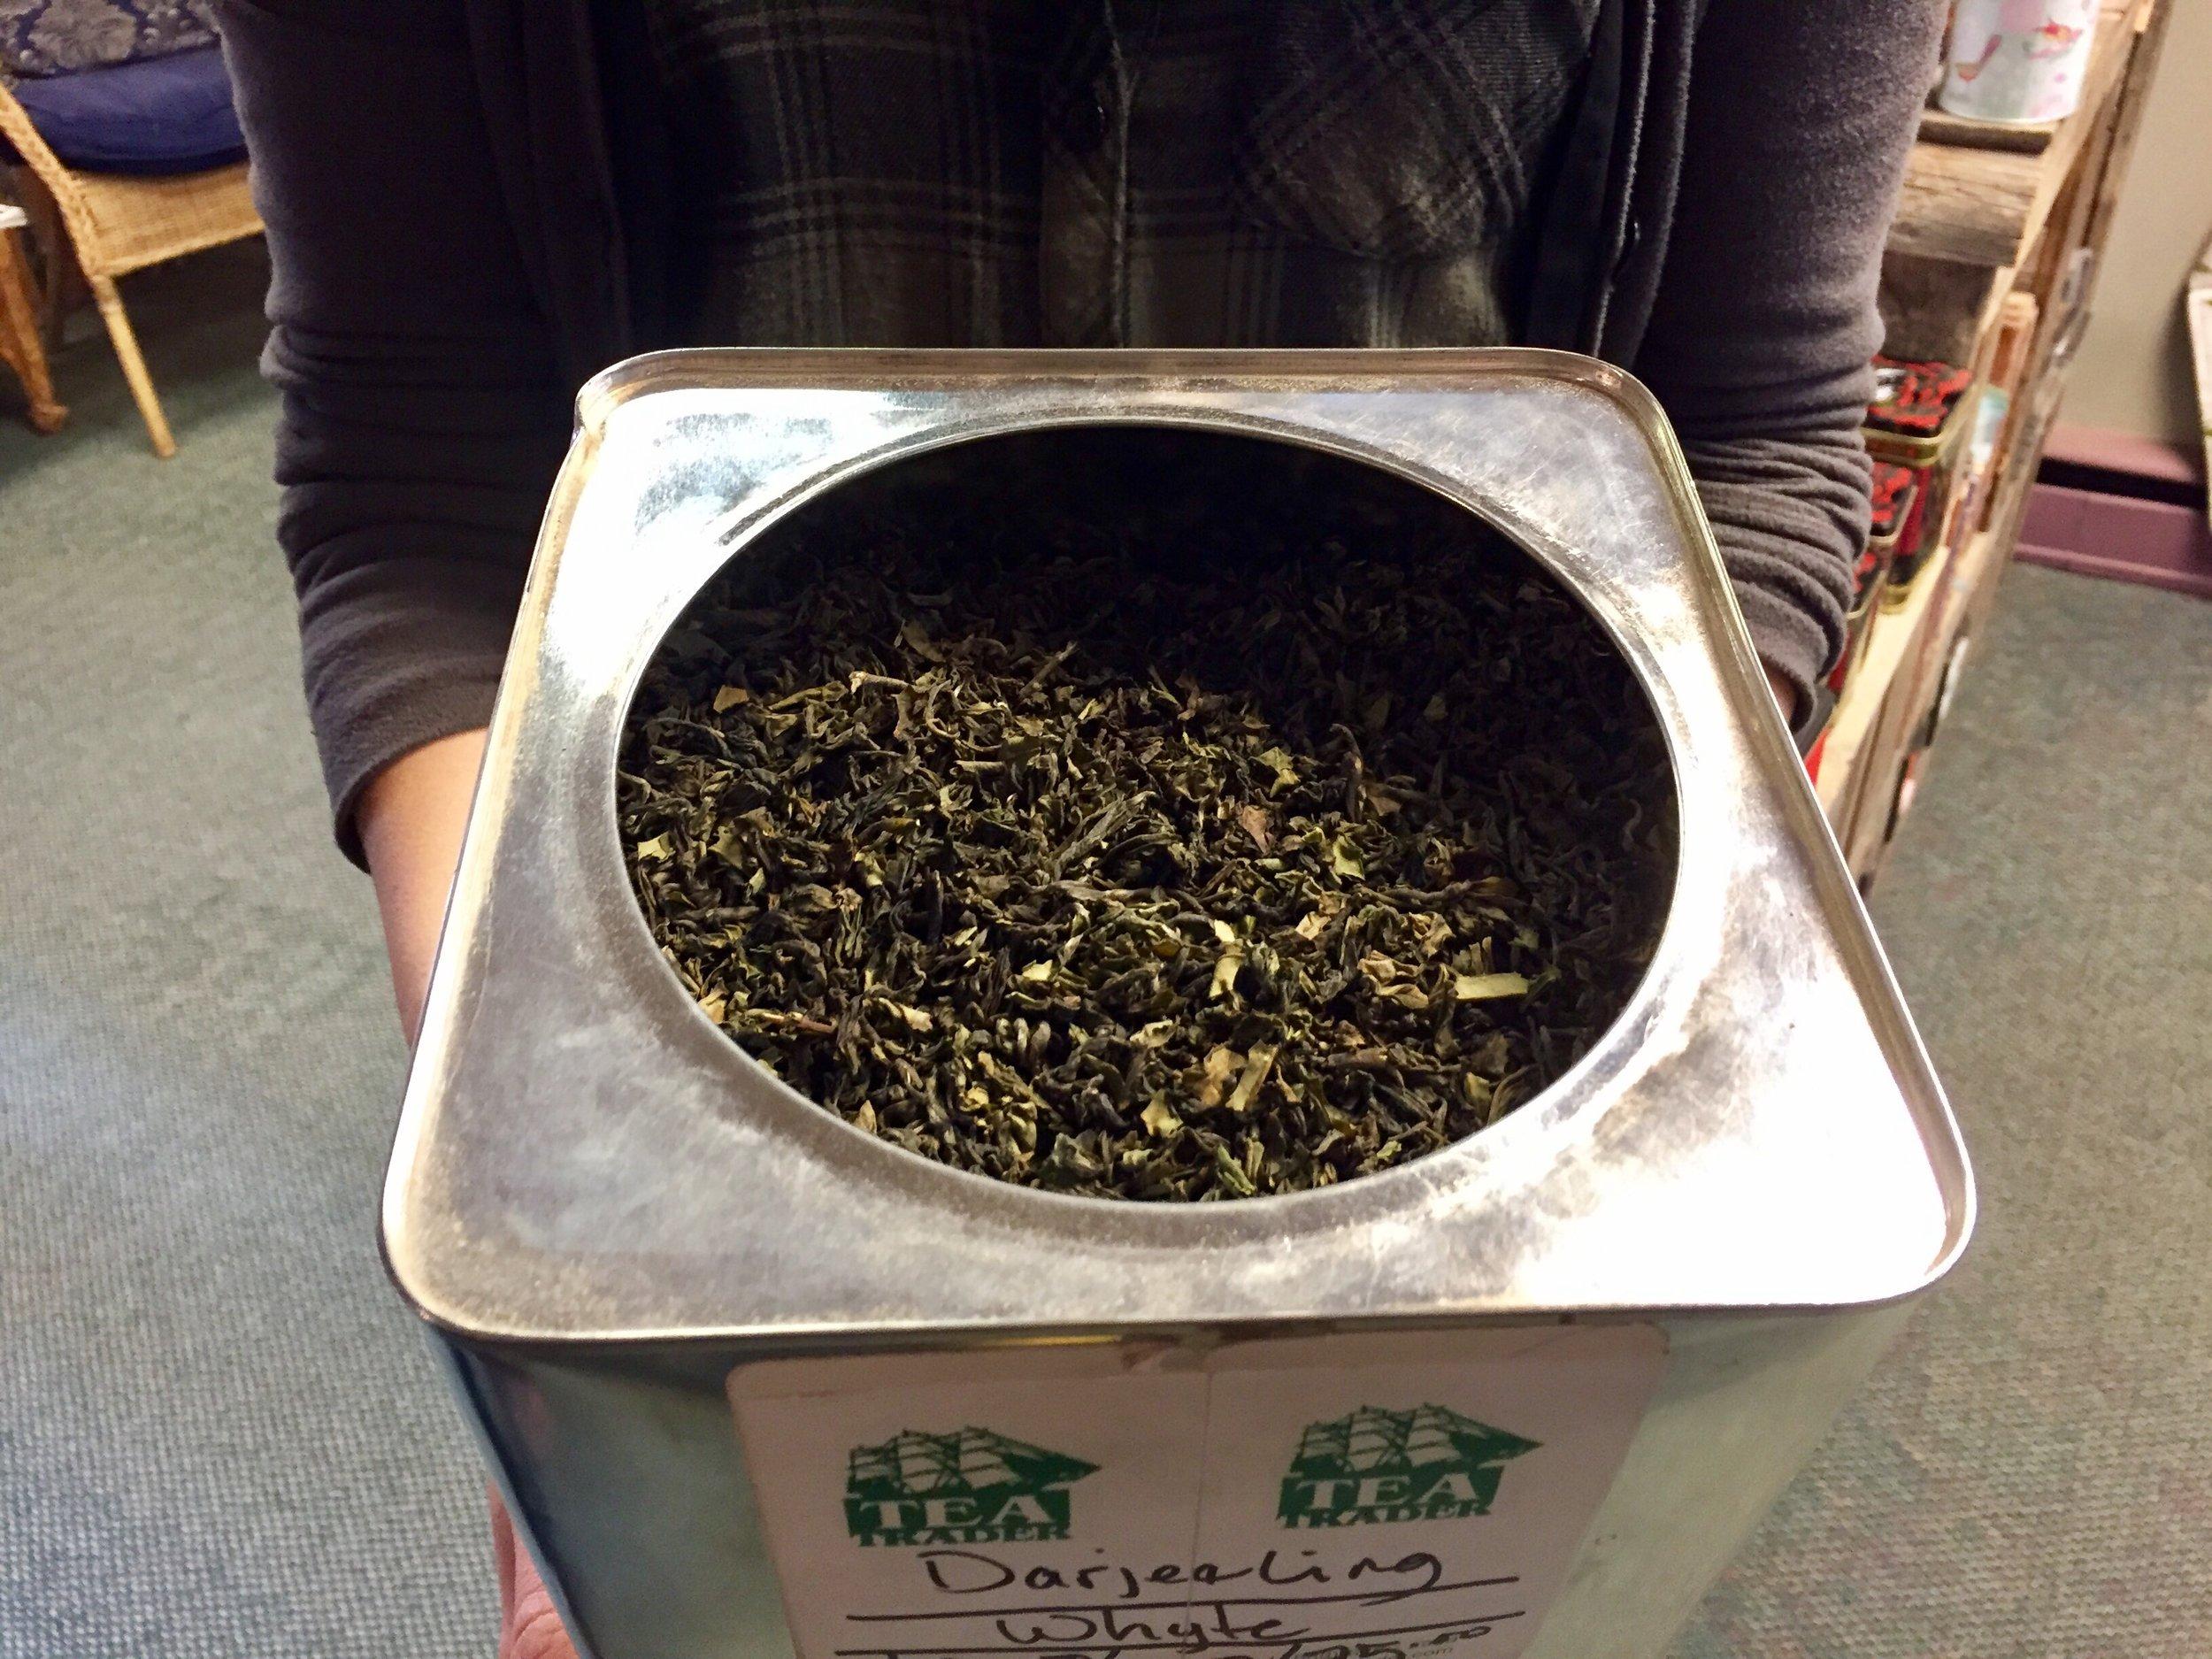 3-darjeeling-tea-at-tea-trader-in-calgary_29951636524_o.jpg